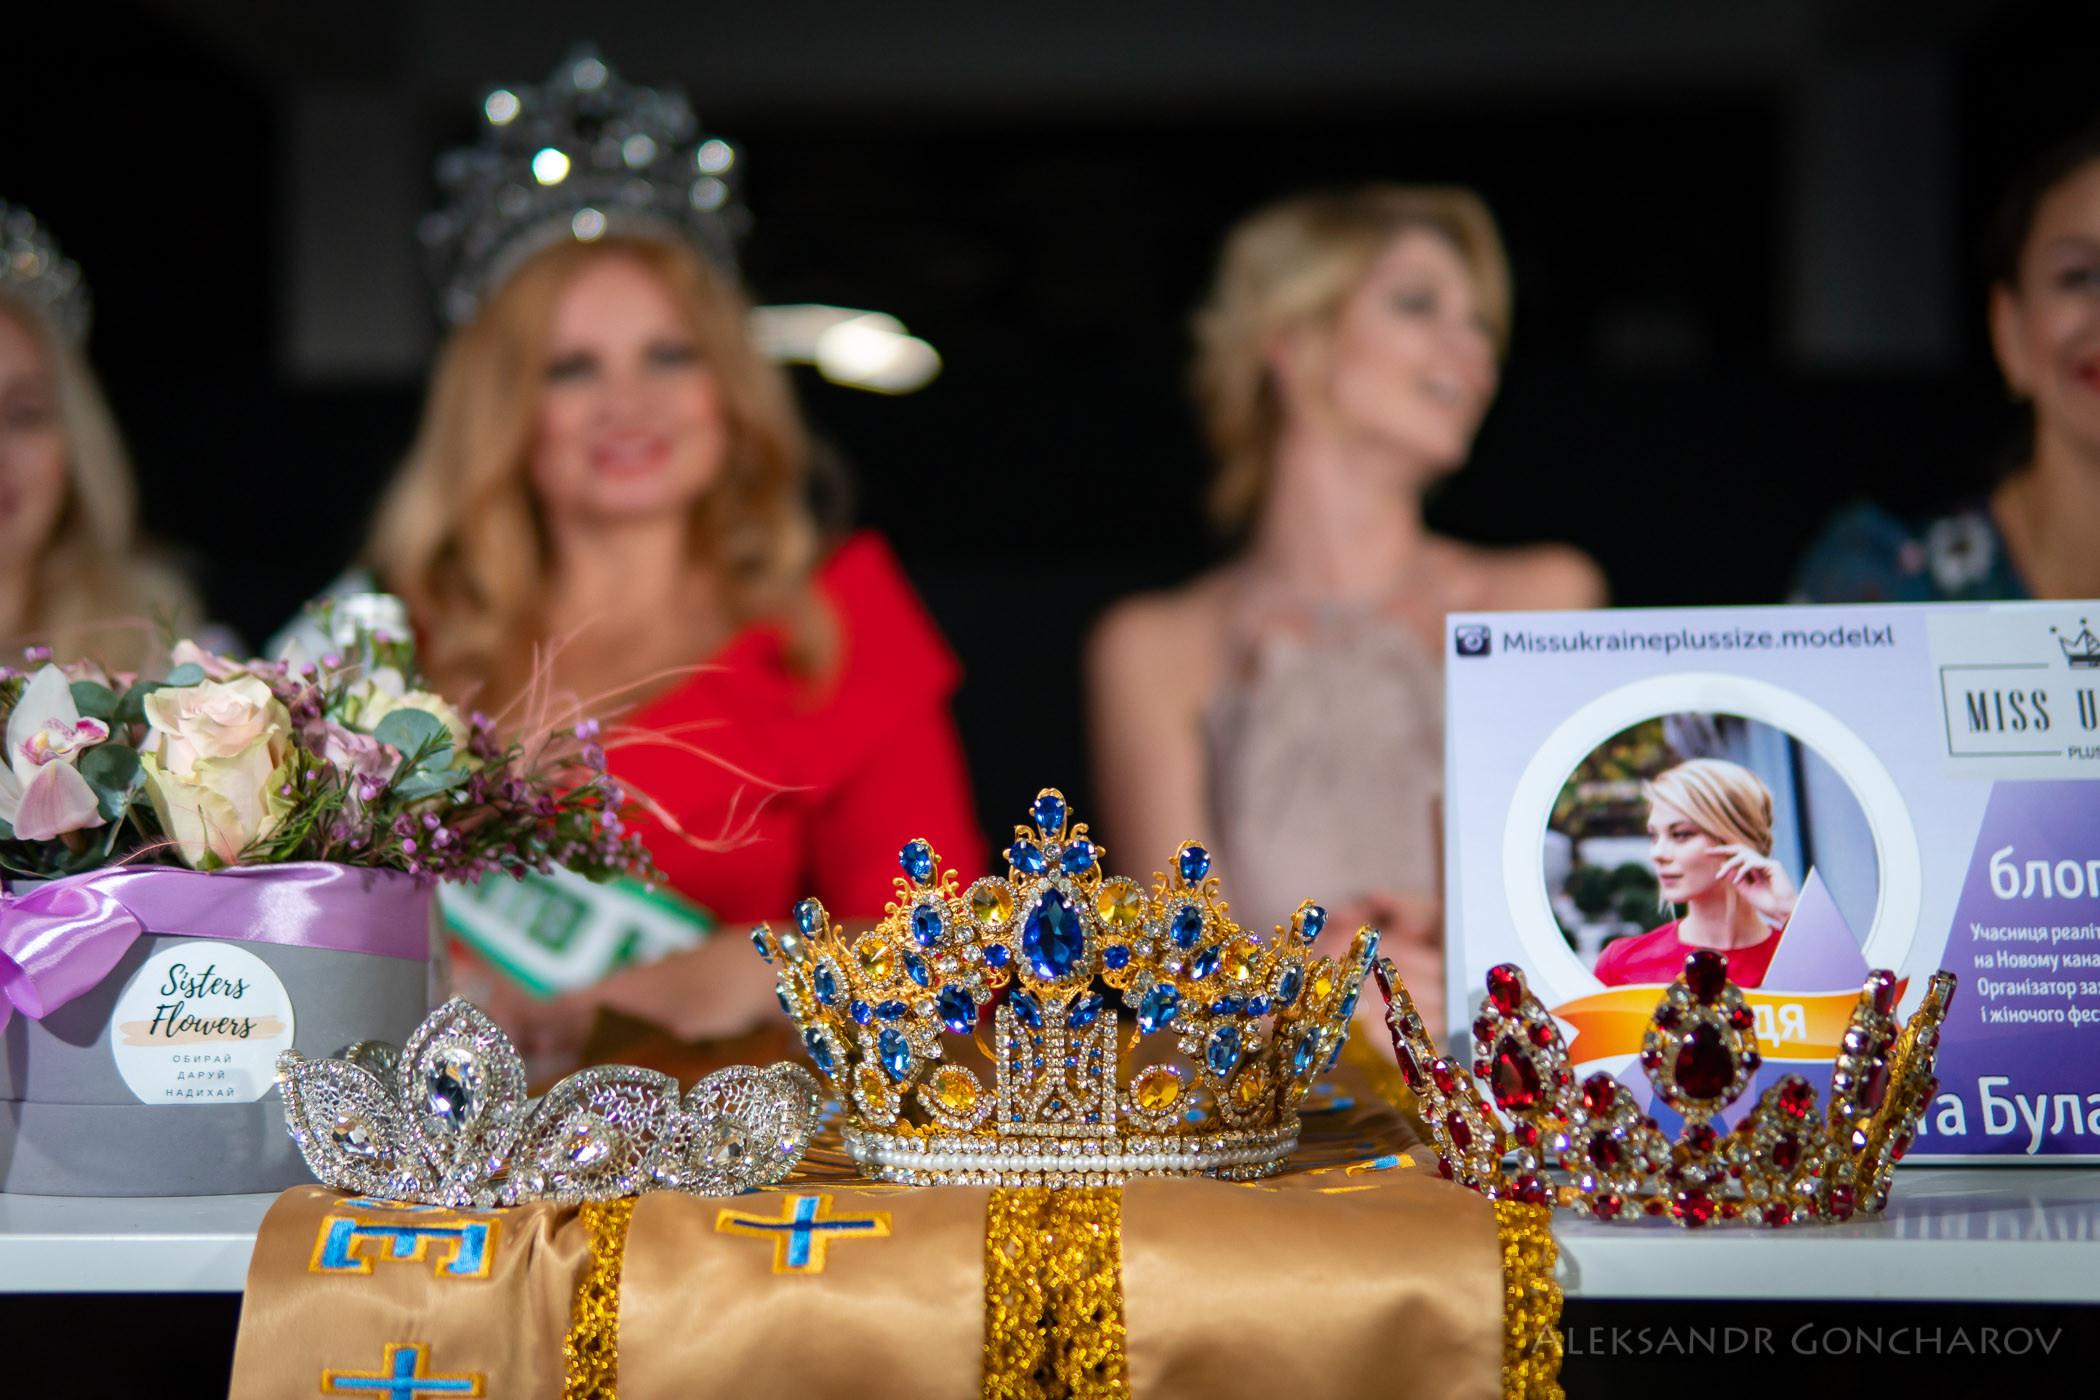 Сейчас ведутся переговоры с ошибочной победительницей конкурса о возврате короны